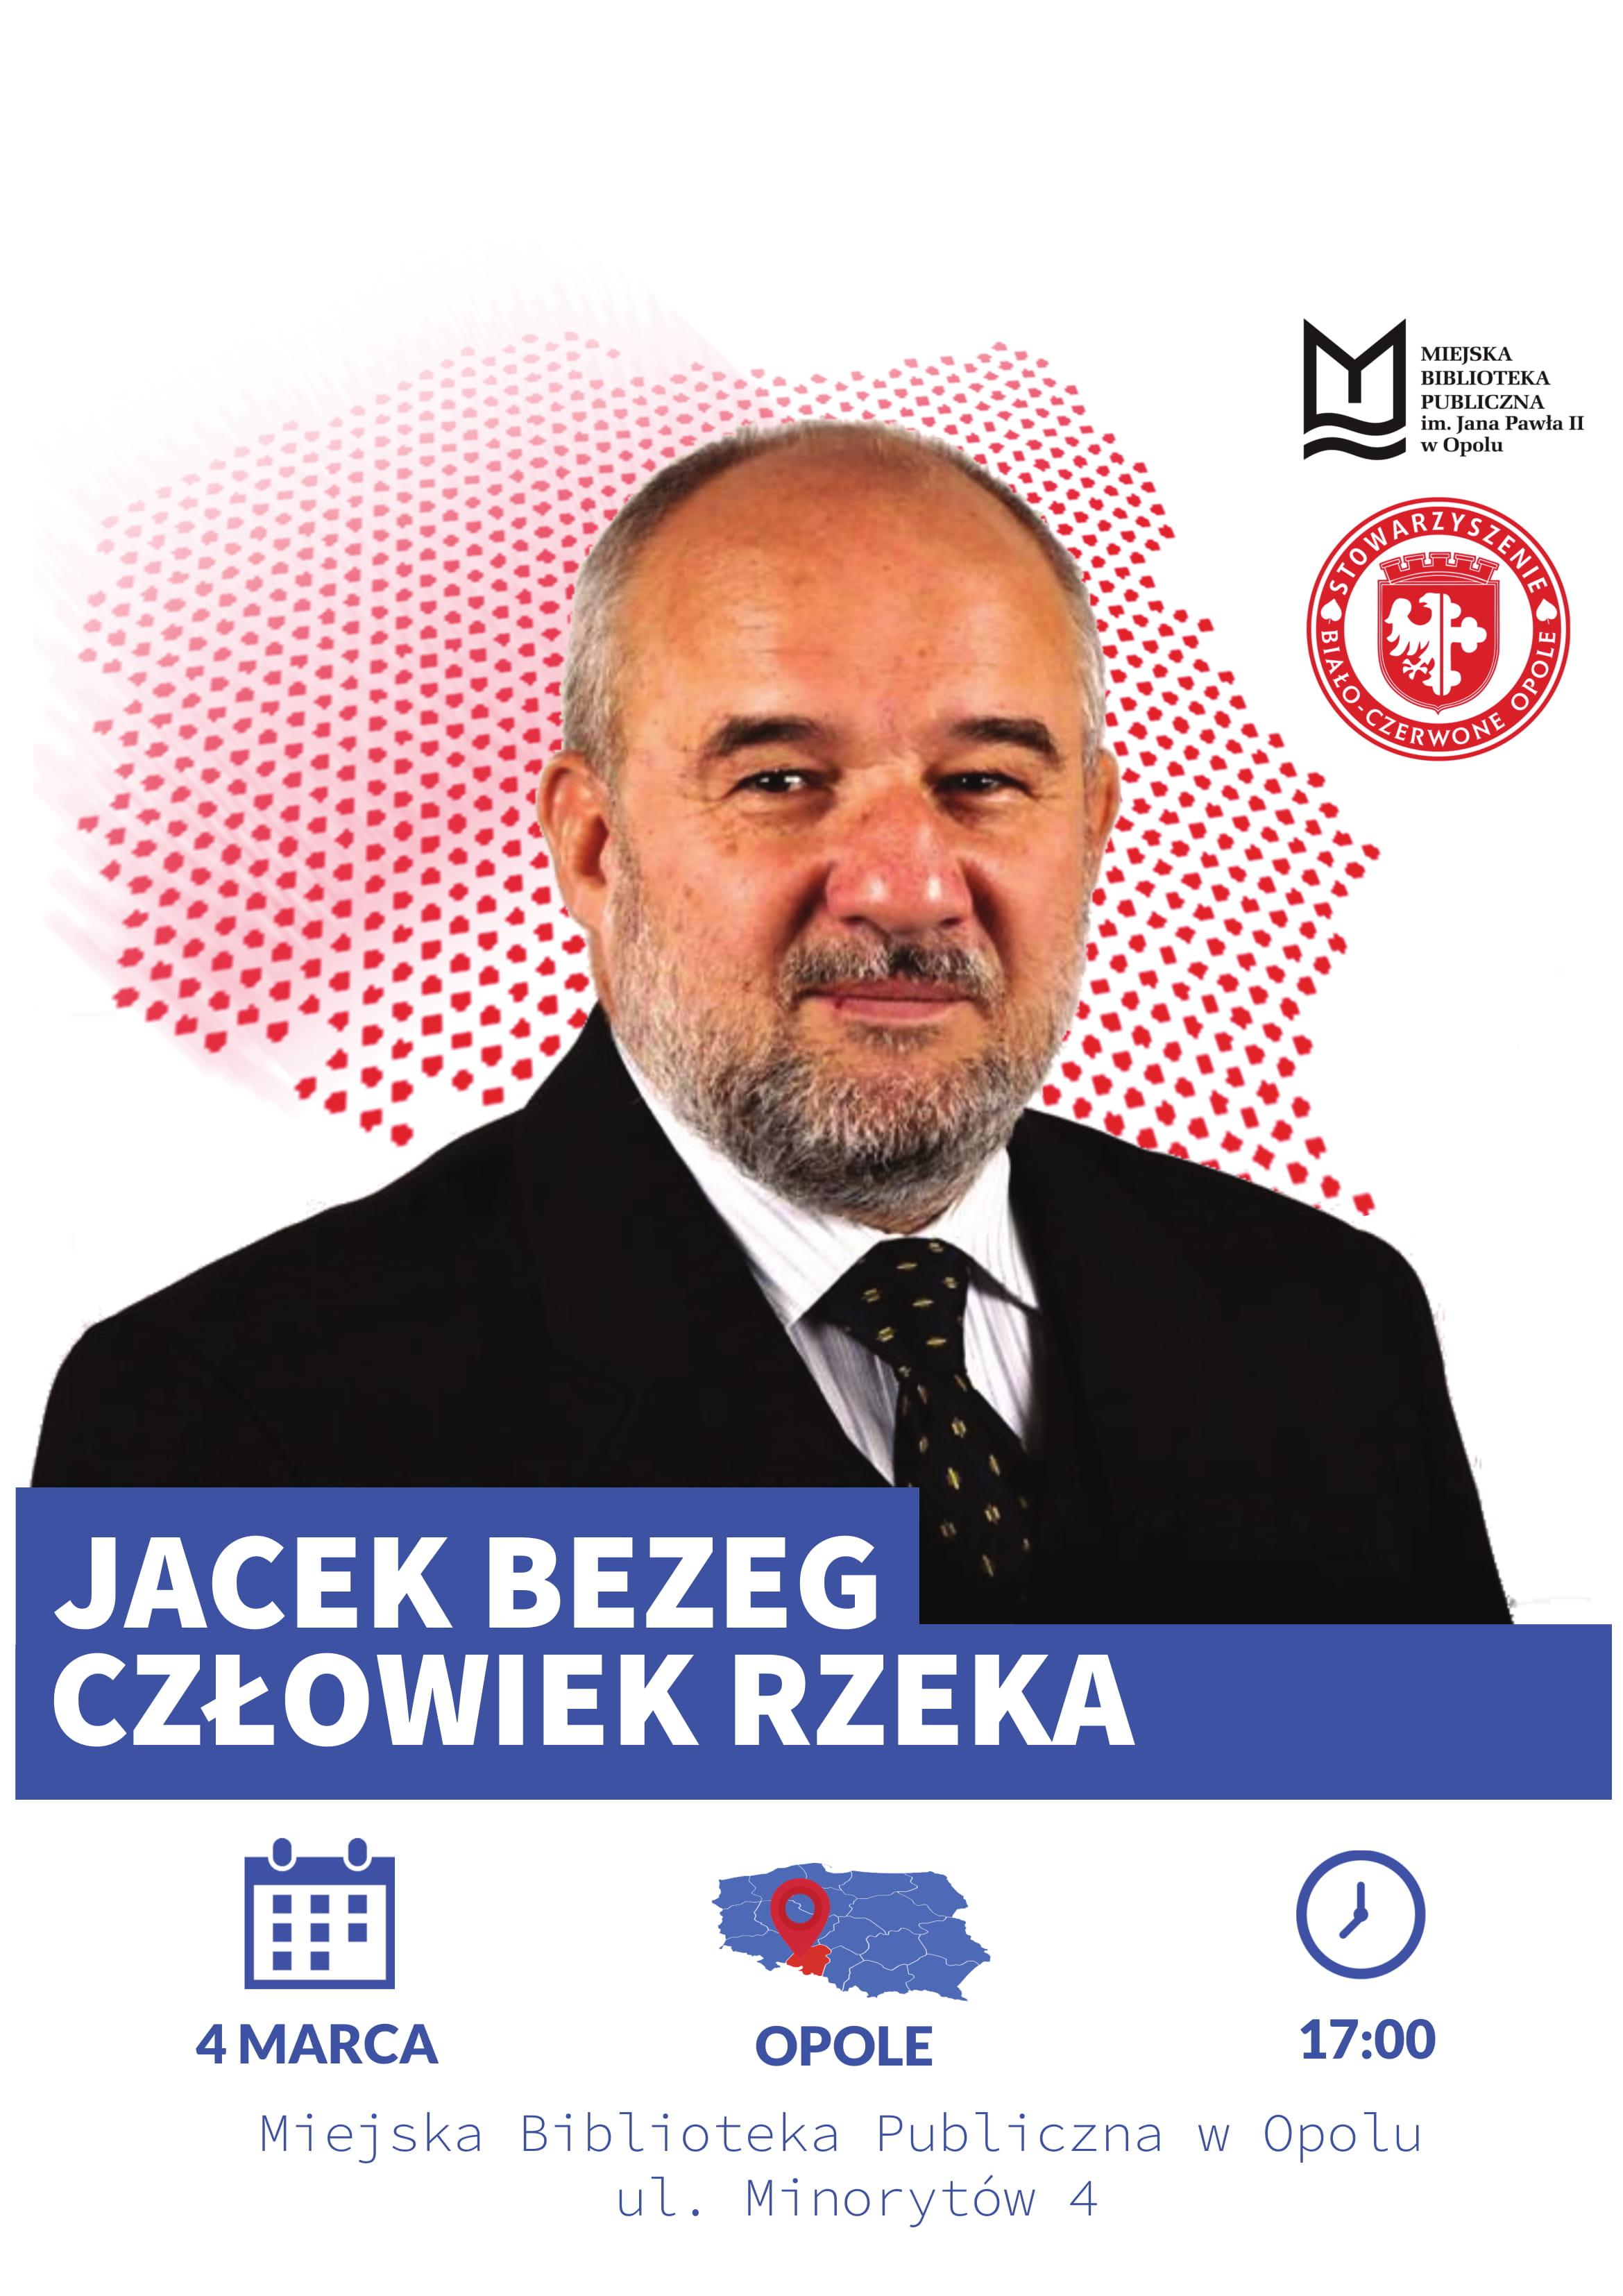 Jacek Bezeg: człowiek rzeka